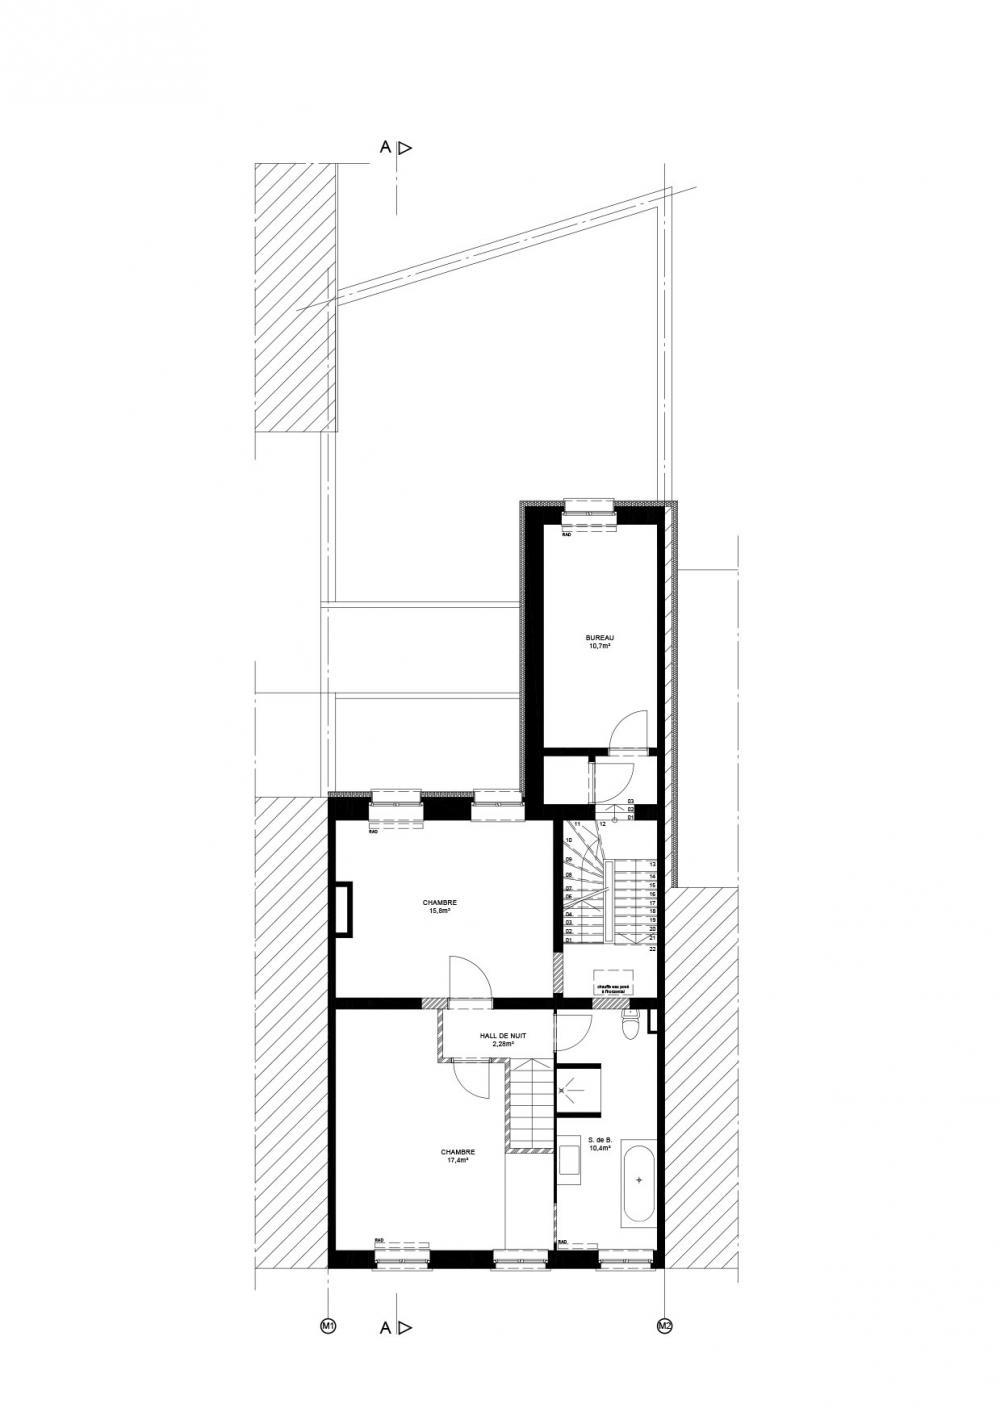 plan du premier étage de la maison Dublin